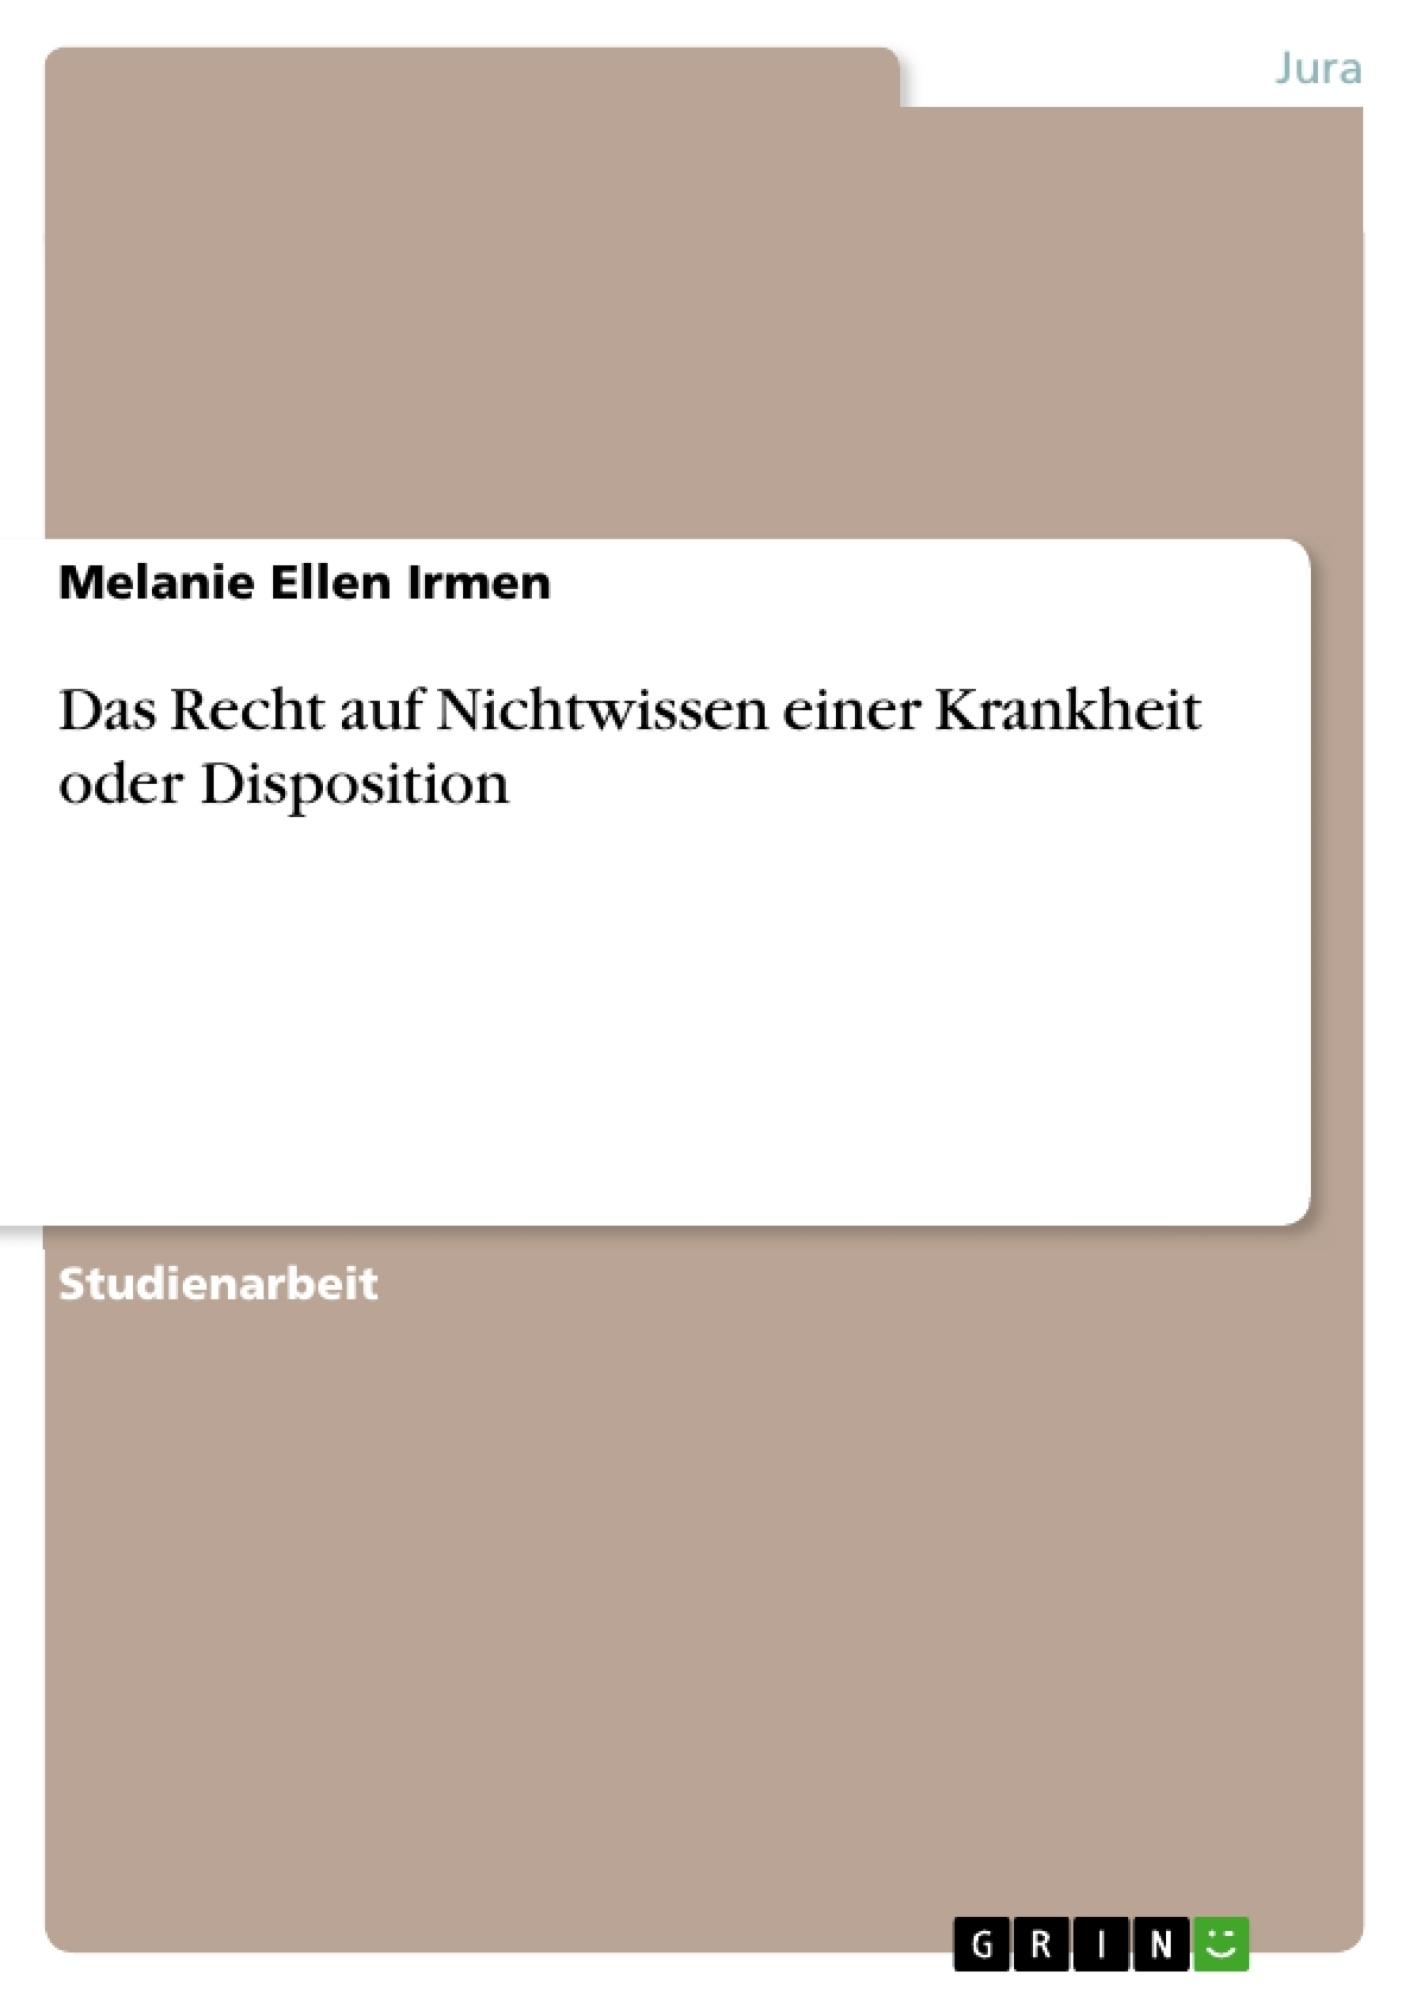 Titel: Das Recht auf Nichtwissen einer Krankheit oder Disposition